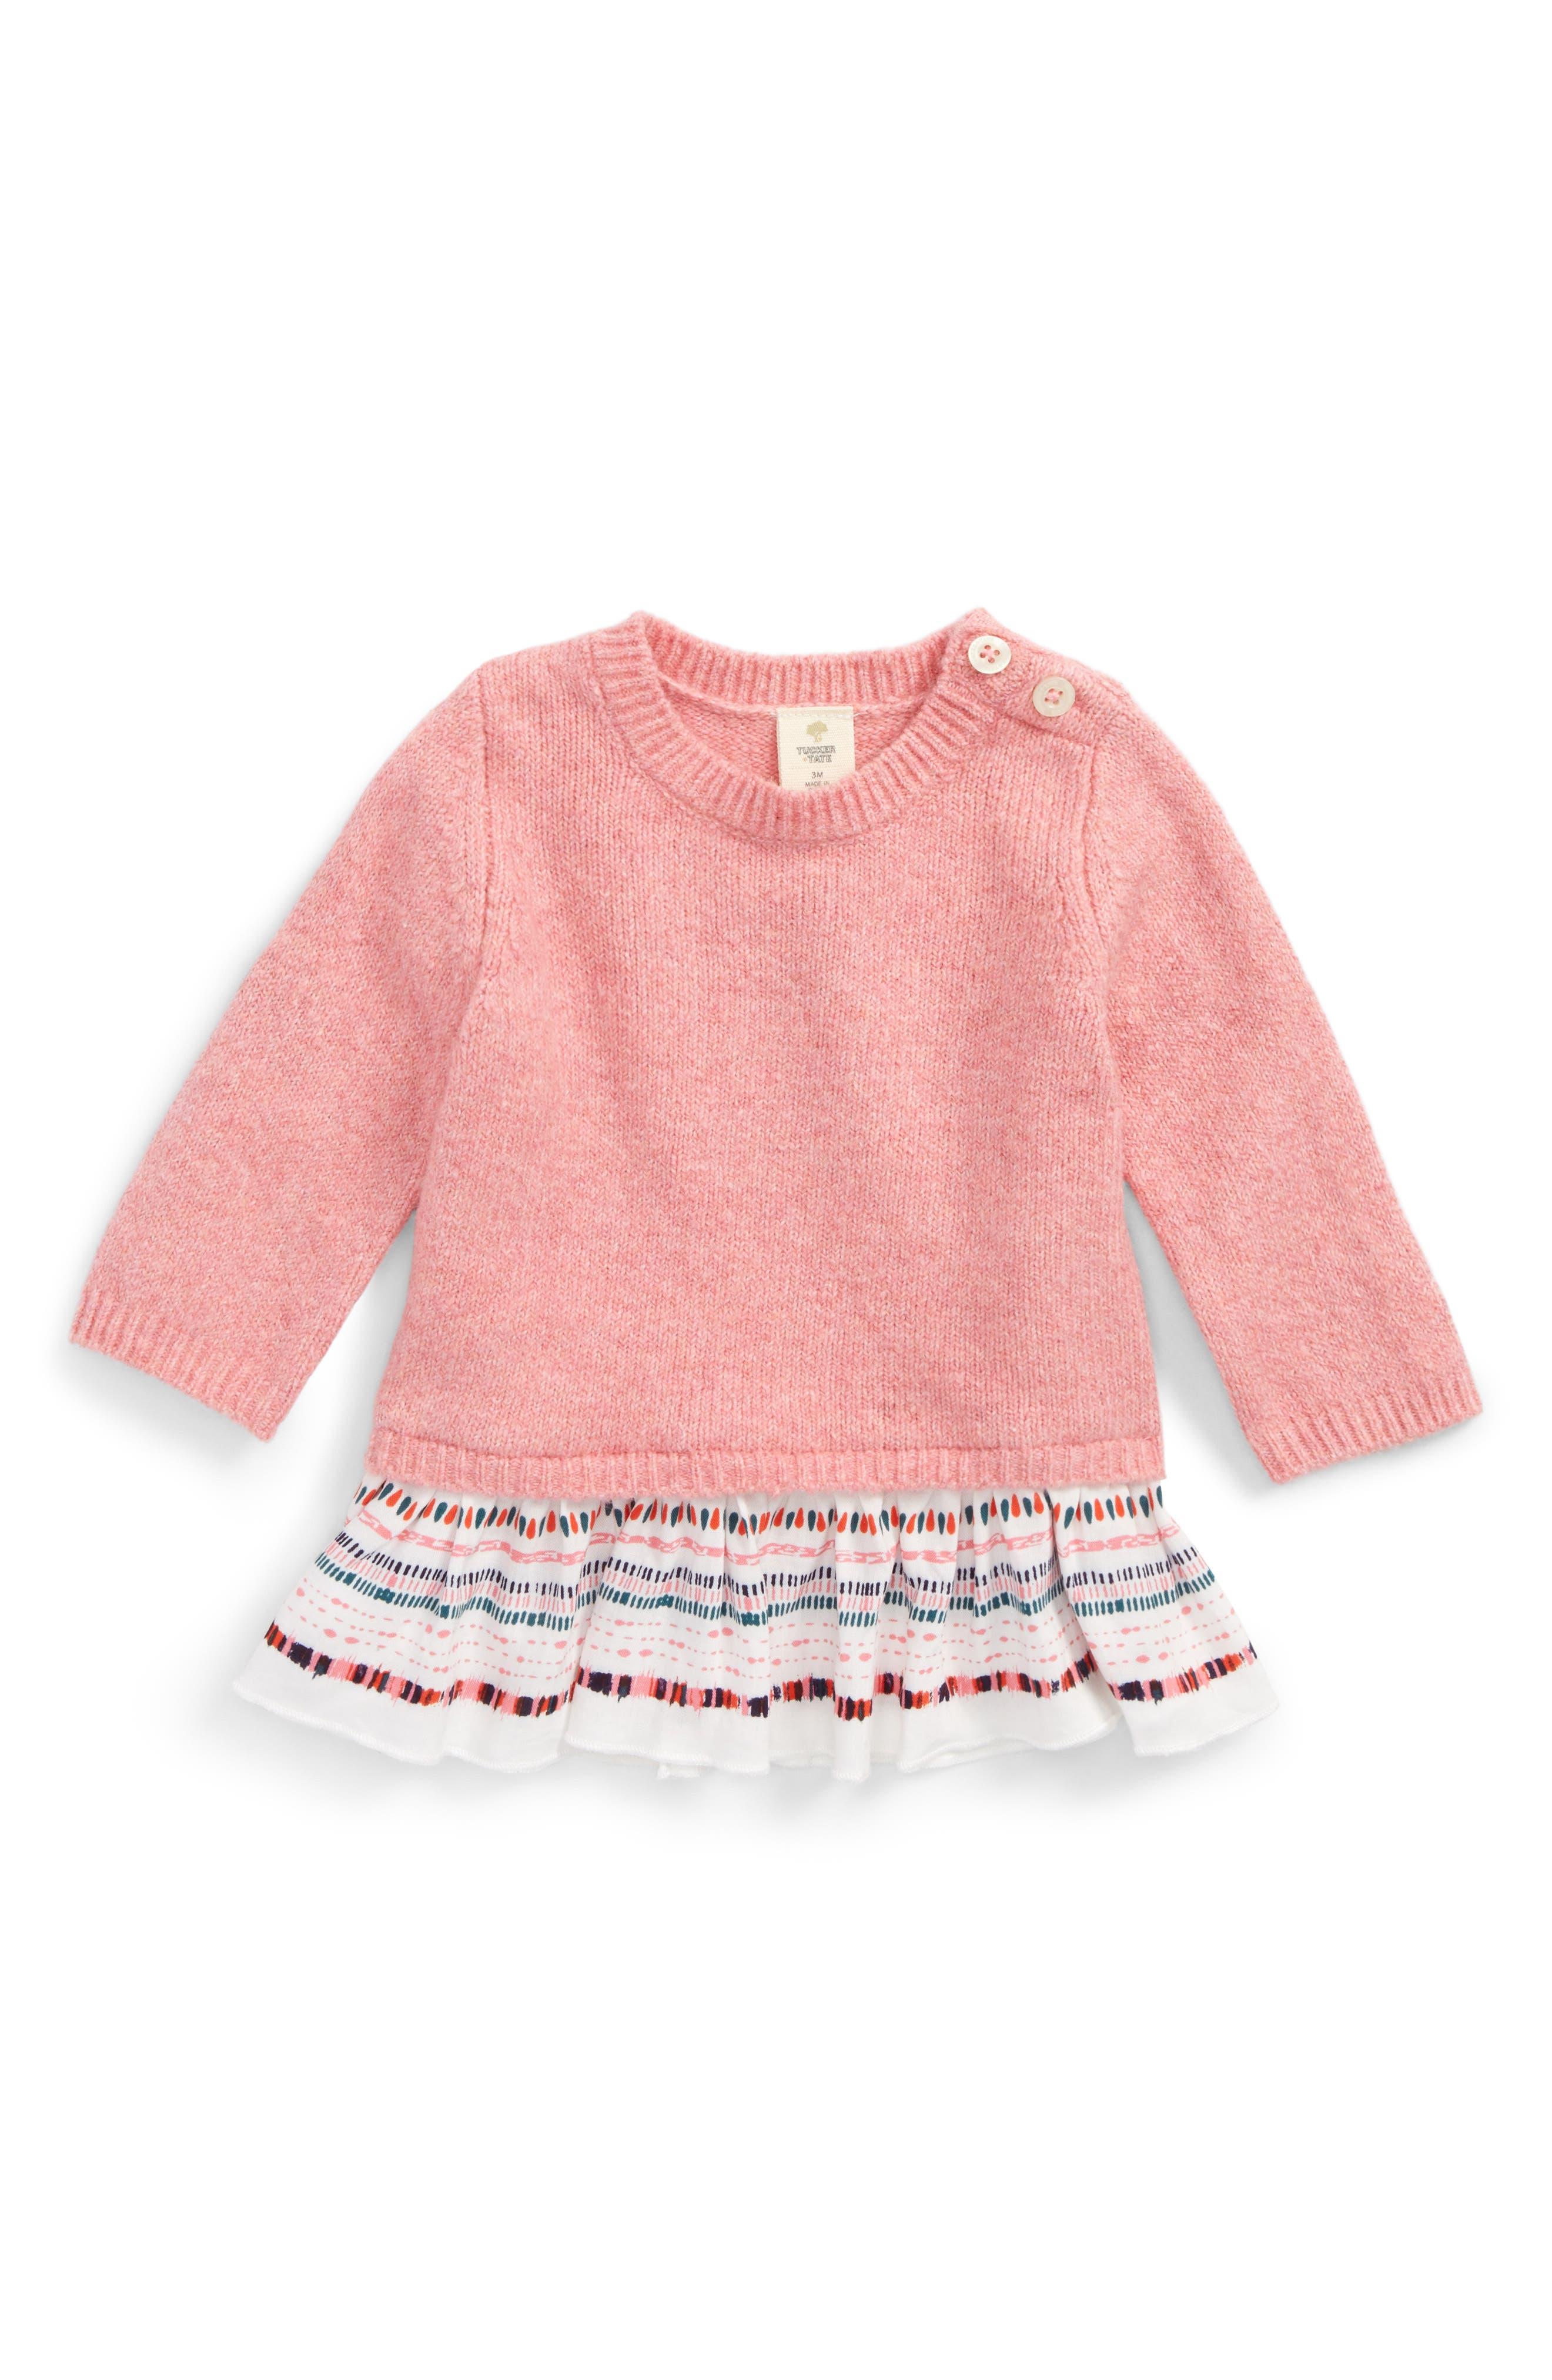 Main Image - Tucker + Tate Ruffle Sweater (Baby Girls)